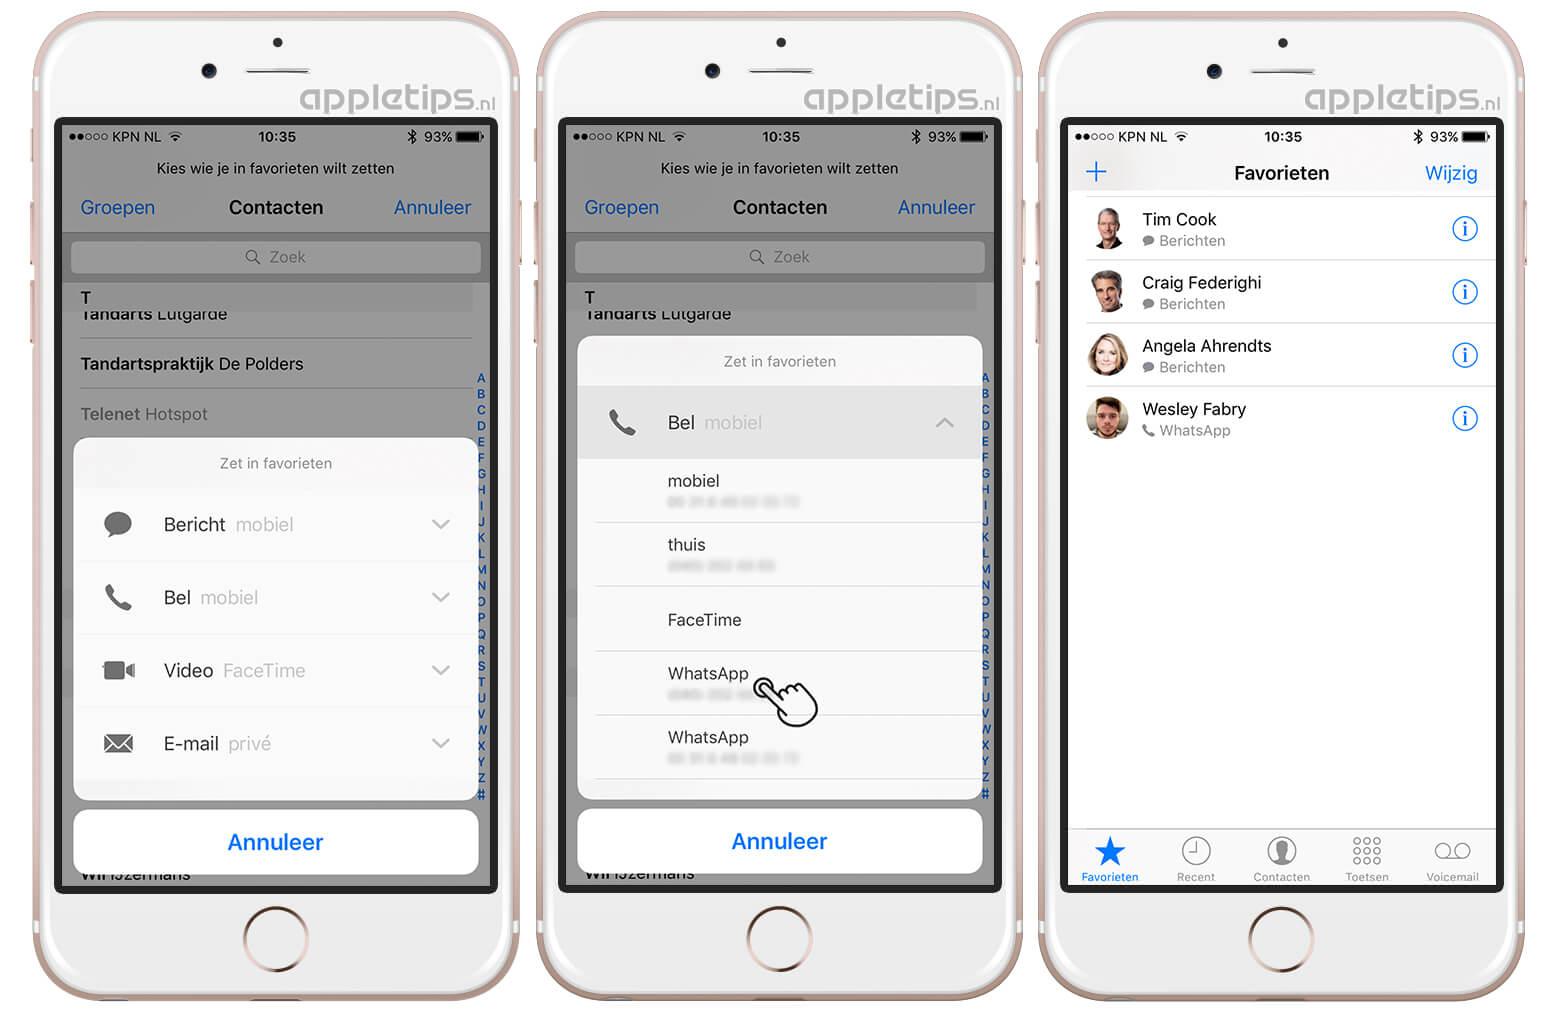 8e76e9cc392 WhatsApp bellen toevoegen aan Telefoon favorieten iOS - appletips